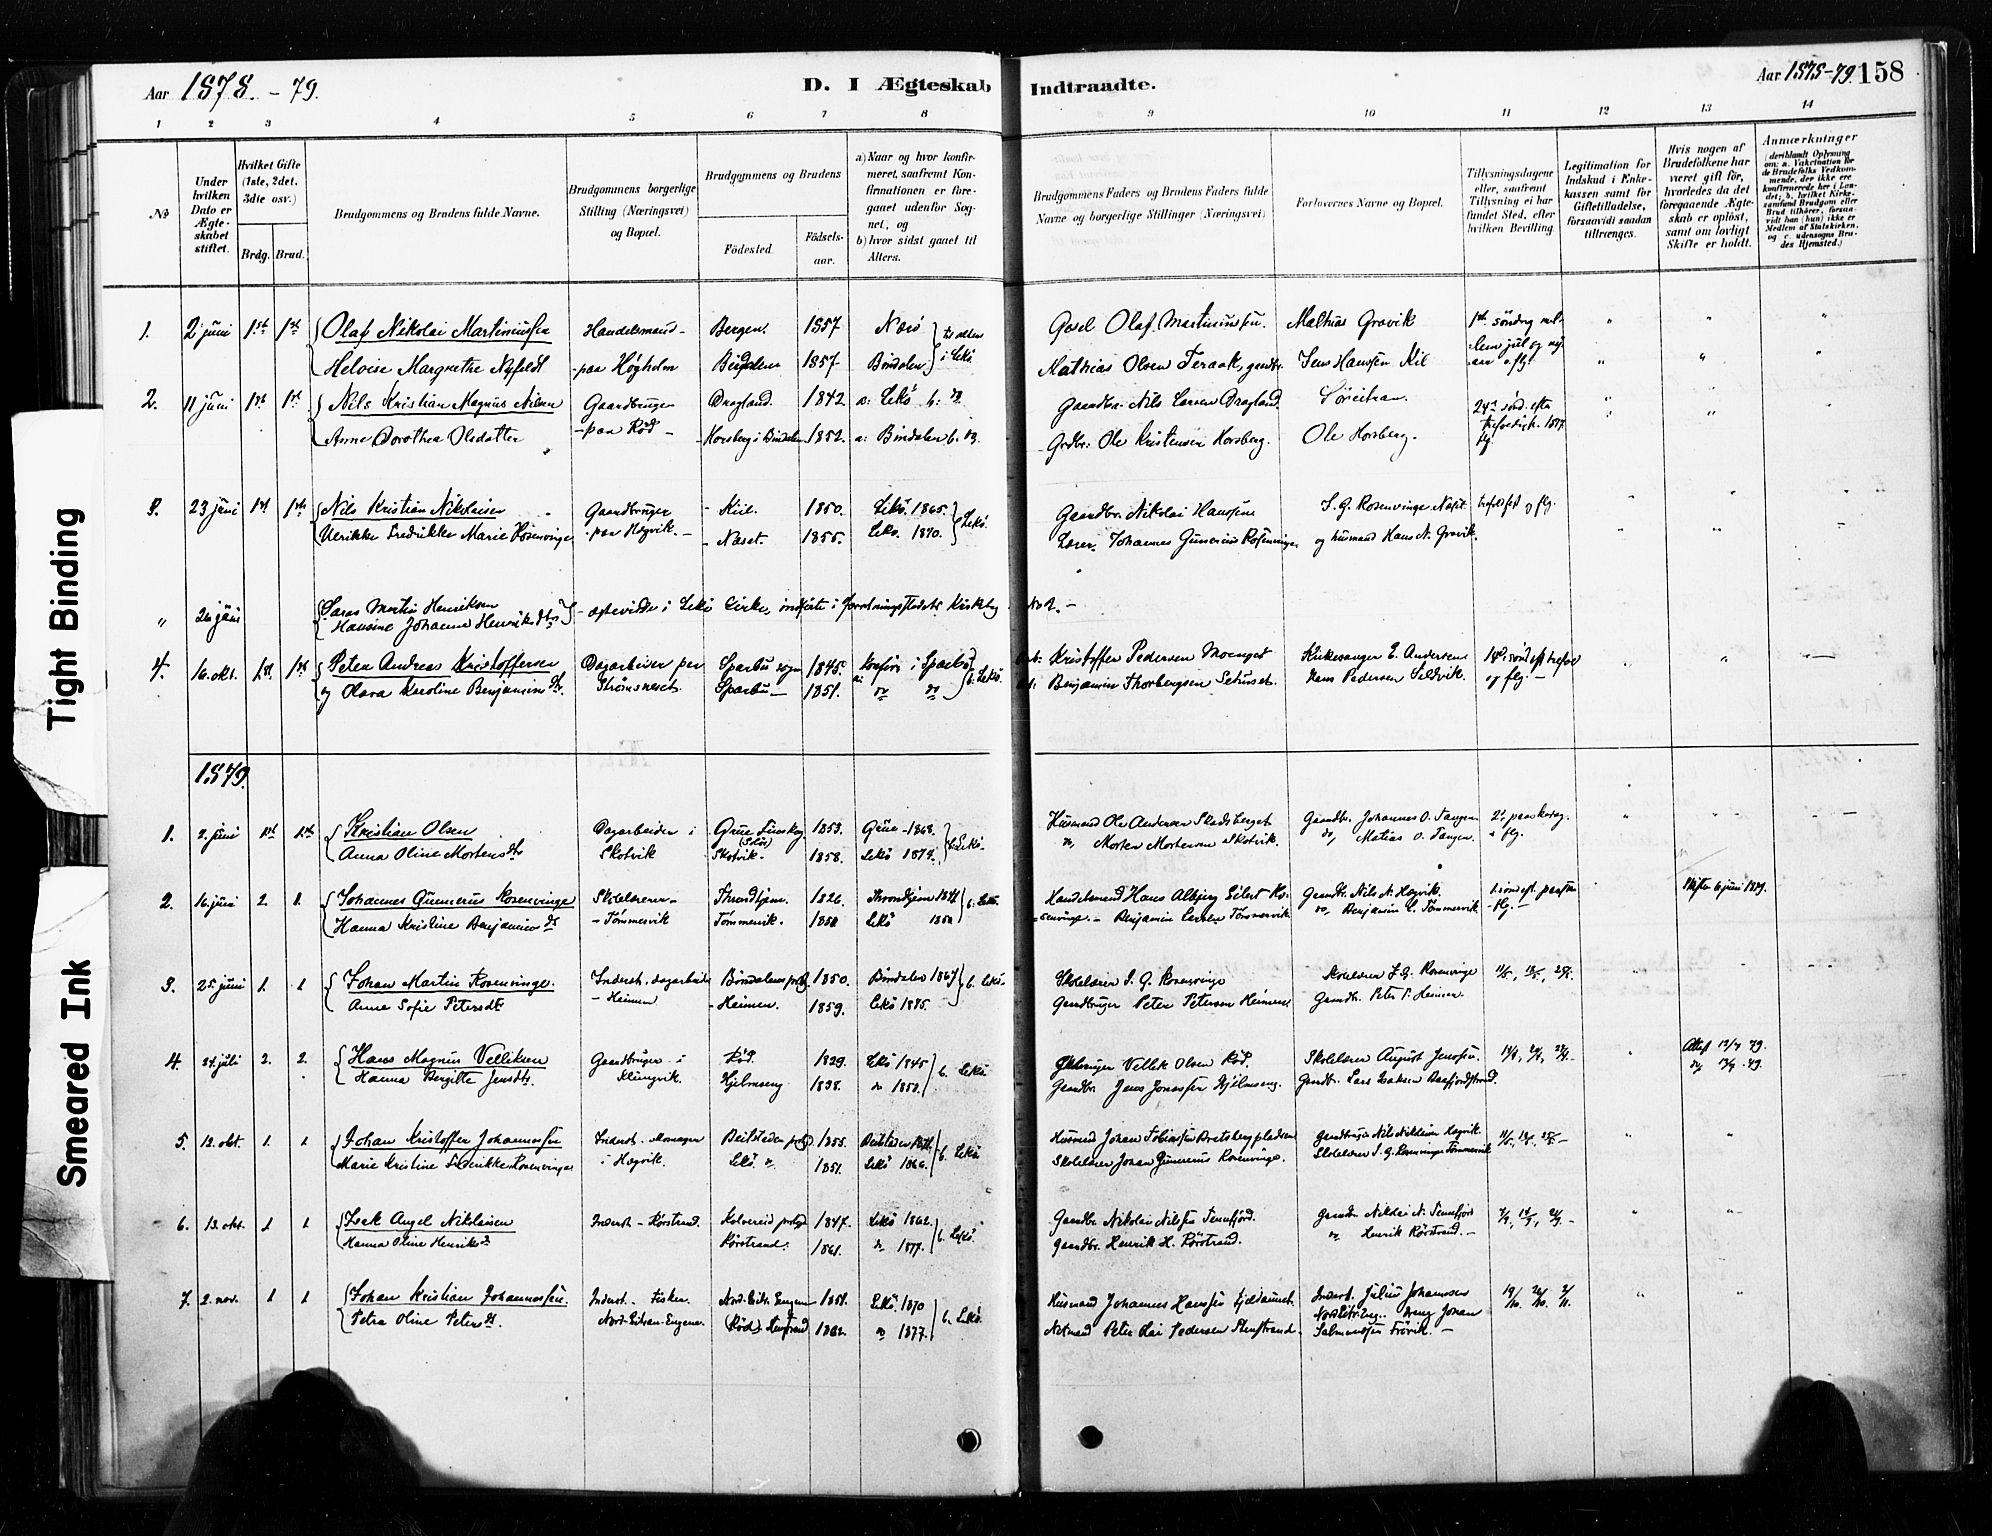 SAT, Ministerialprotokoller, klokkerbøker og fødselsregistre - Nord-Trøndelag, 789/L0705: Ministerialbok nr. 789A01, 1878-1910, s. 158